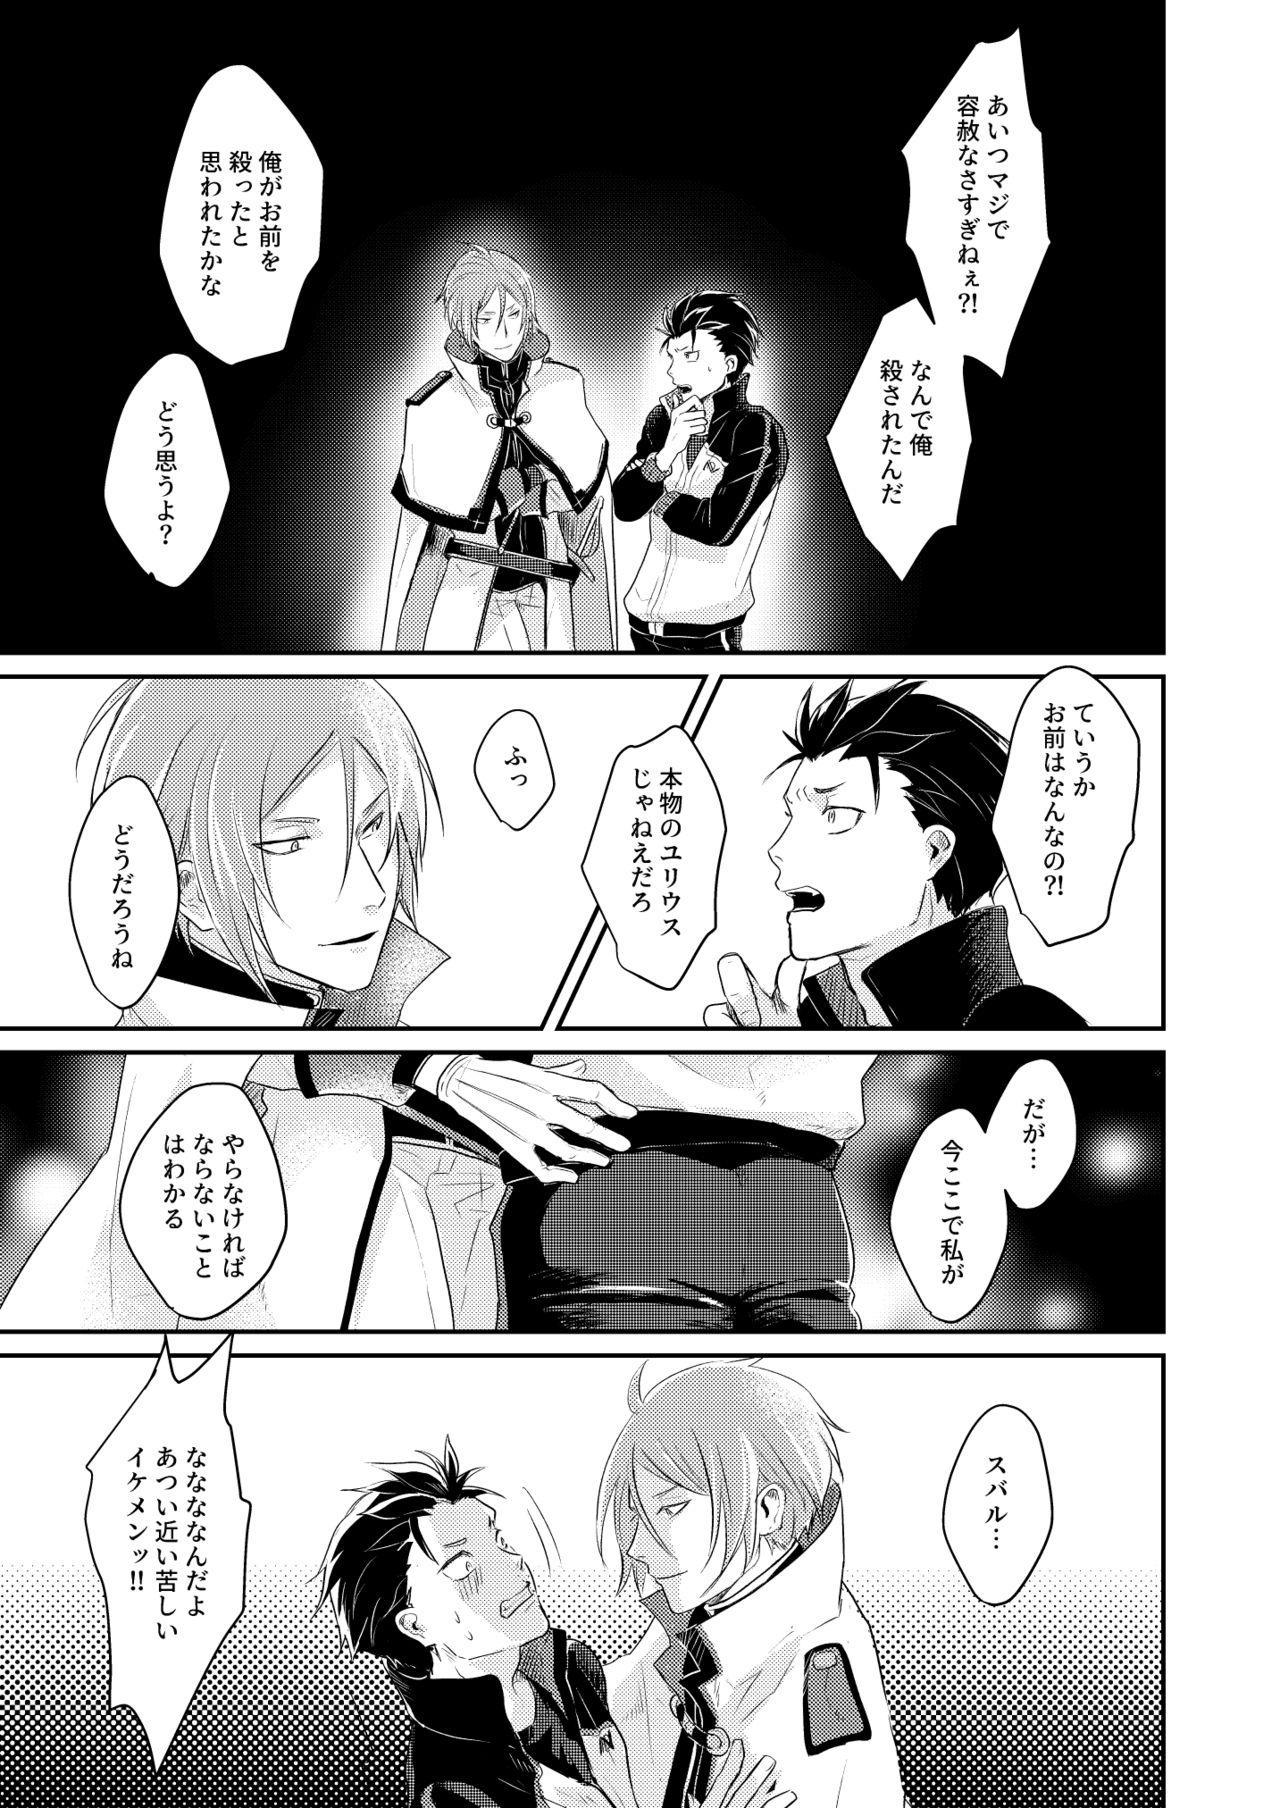 Sex Shinai to Modorenai 7